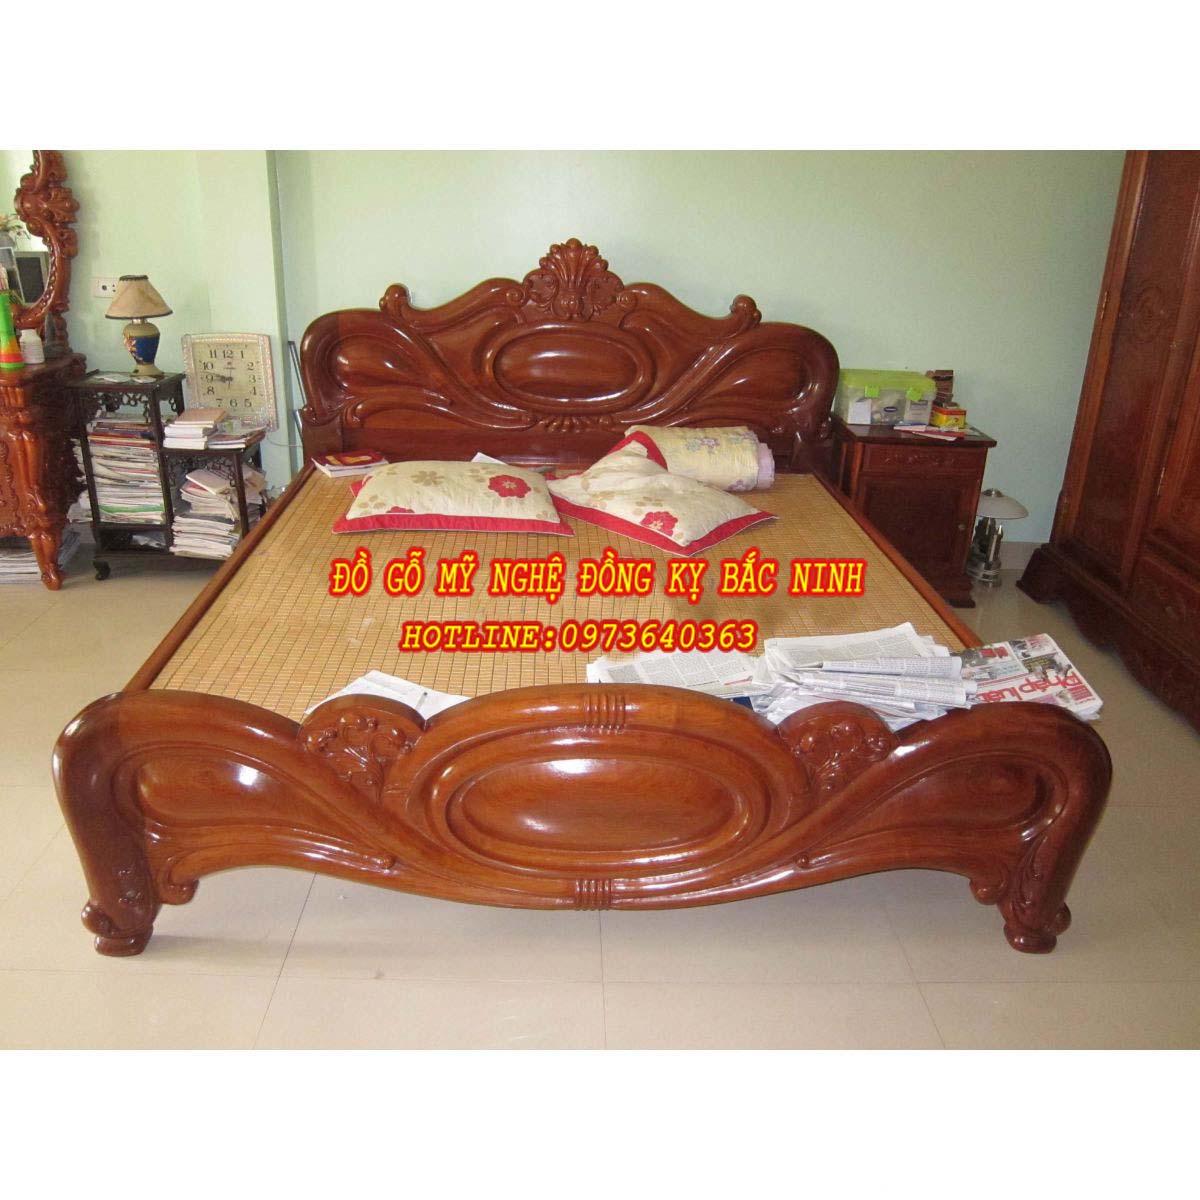 Giường Ngủ Quả Xoài DGBN - 04